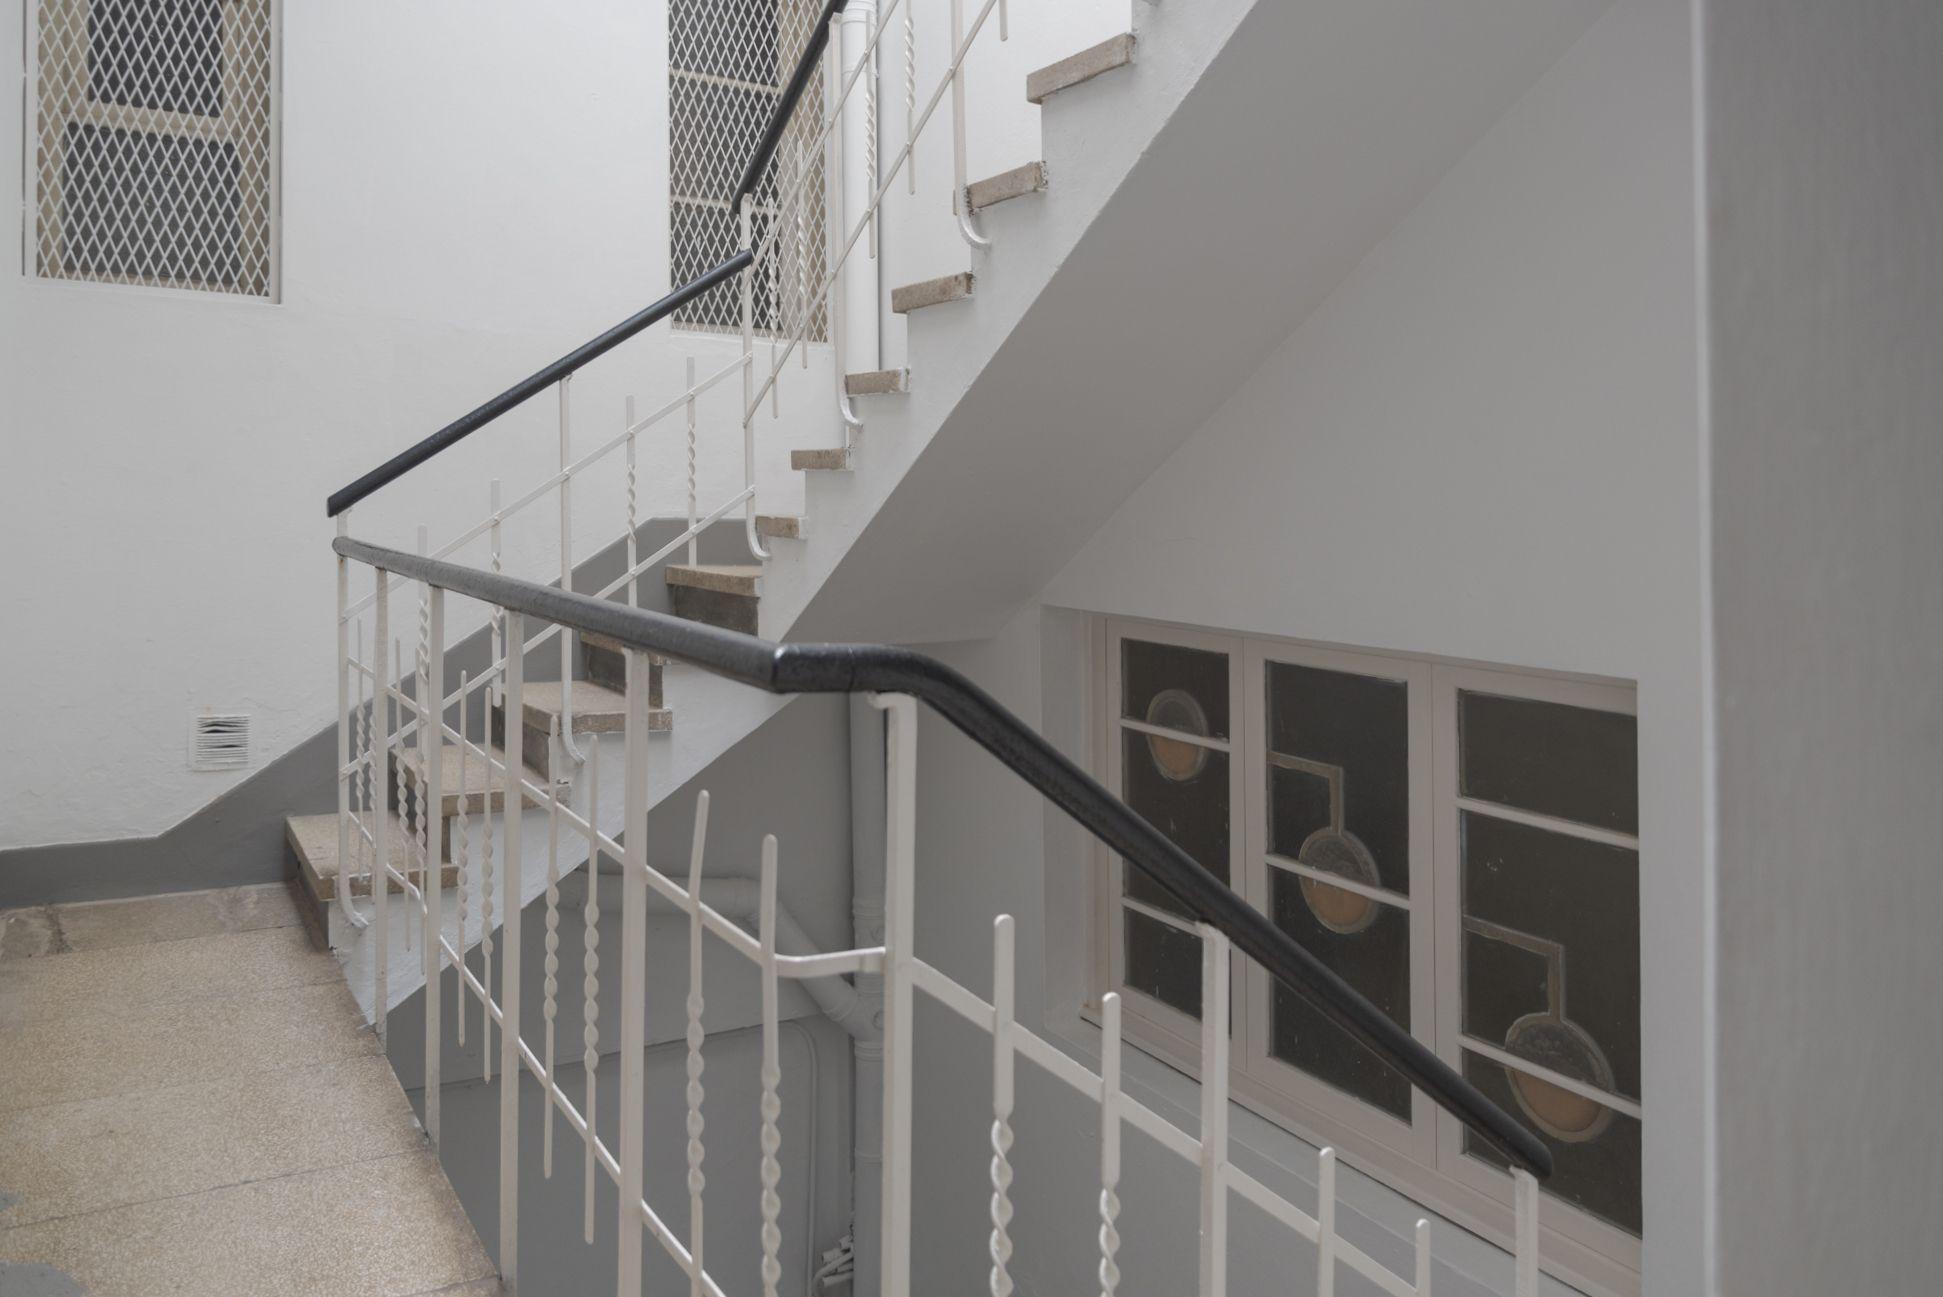 Piso en venta Méndez Núñez - Escalera de servicio